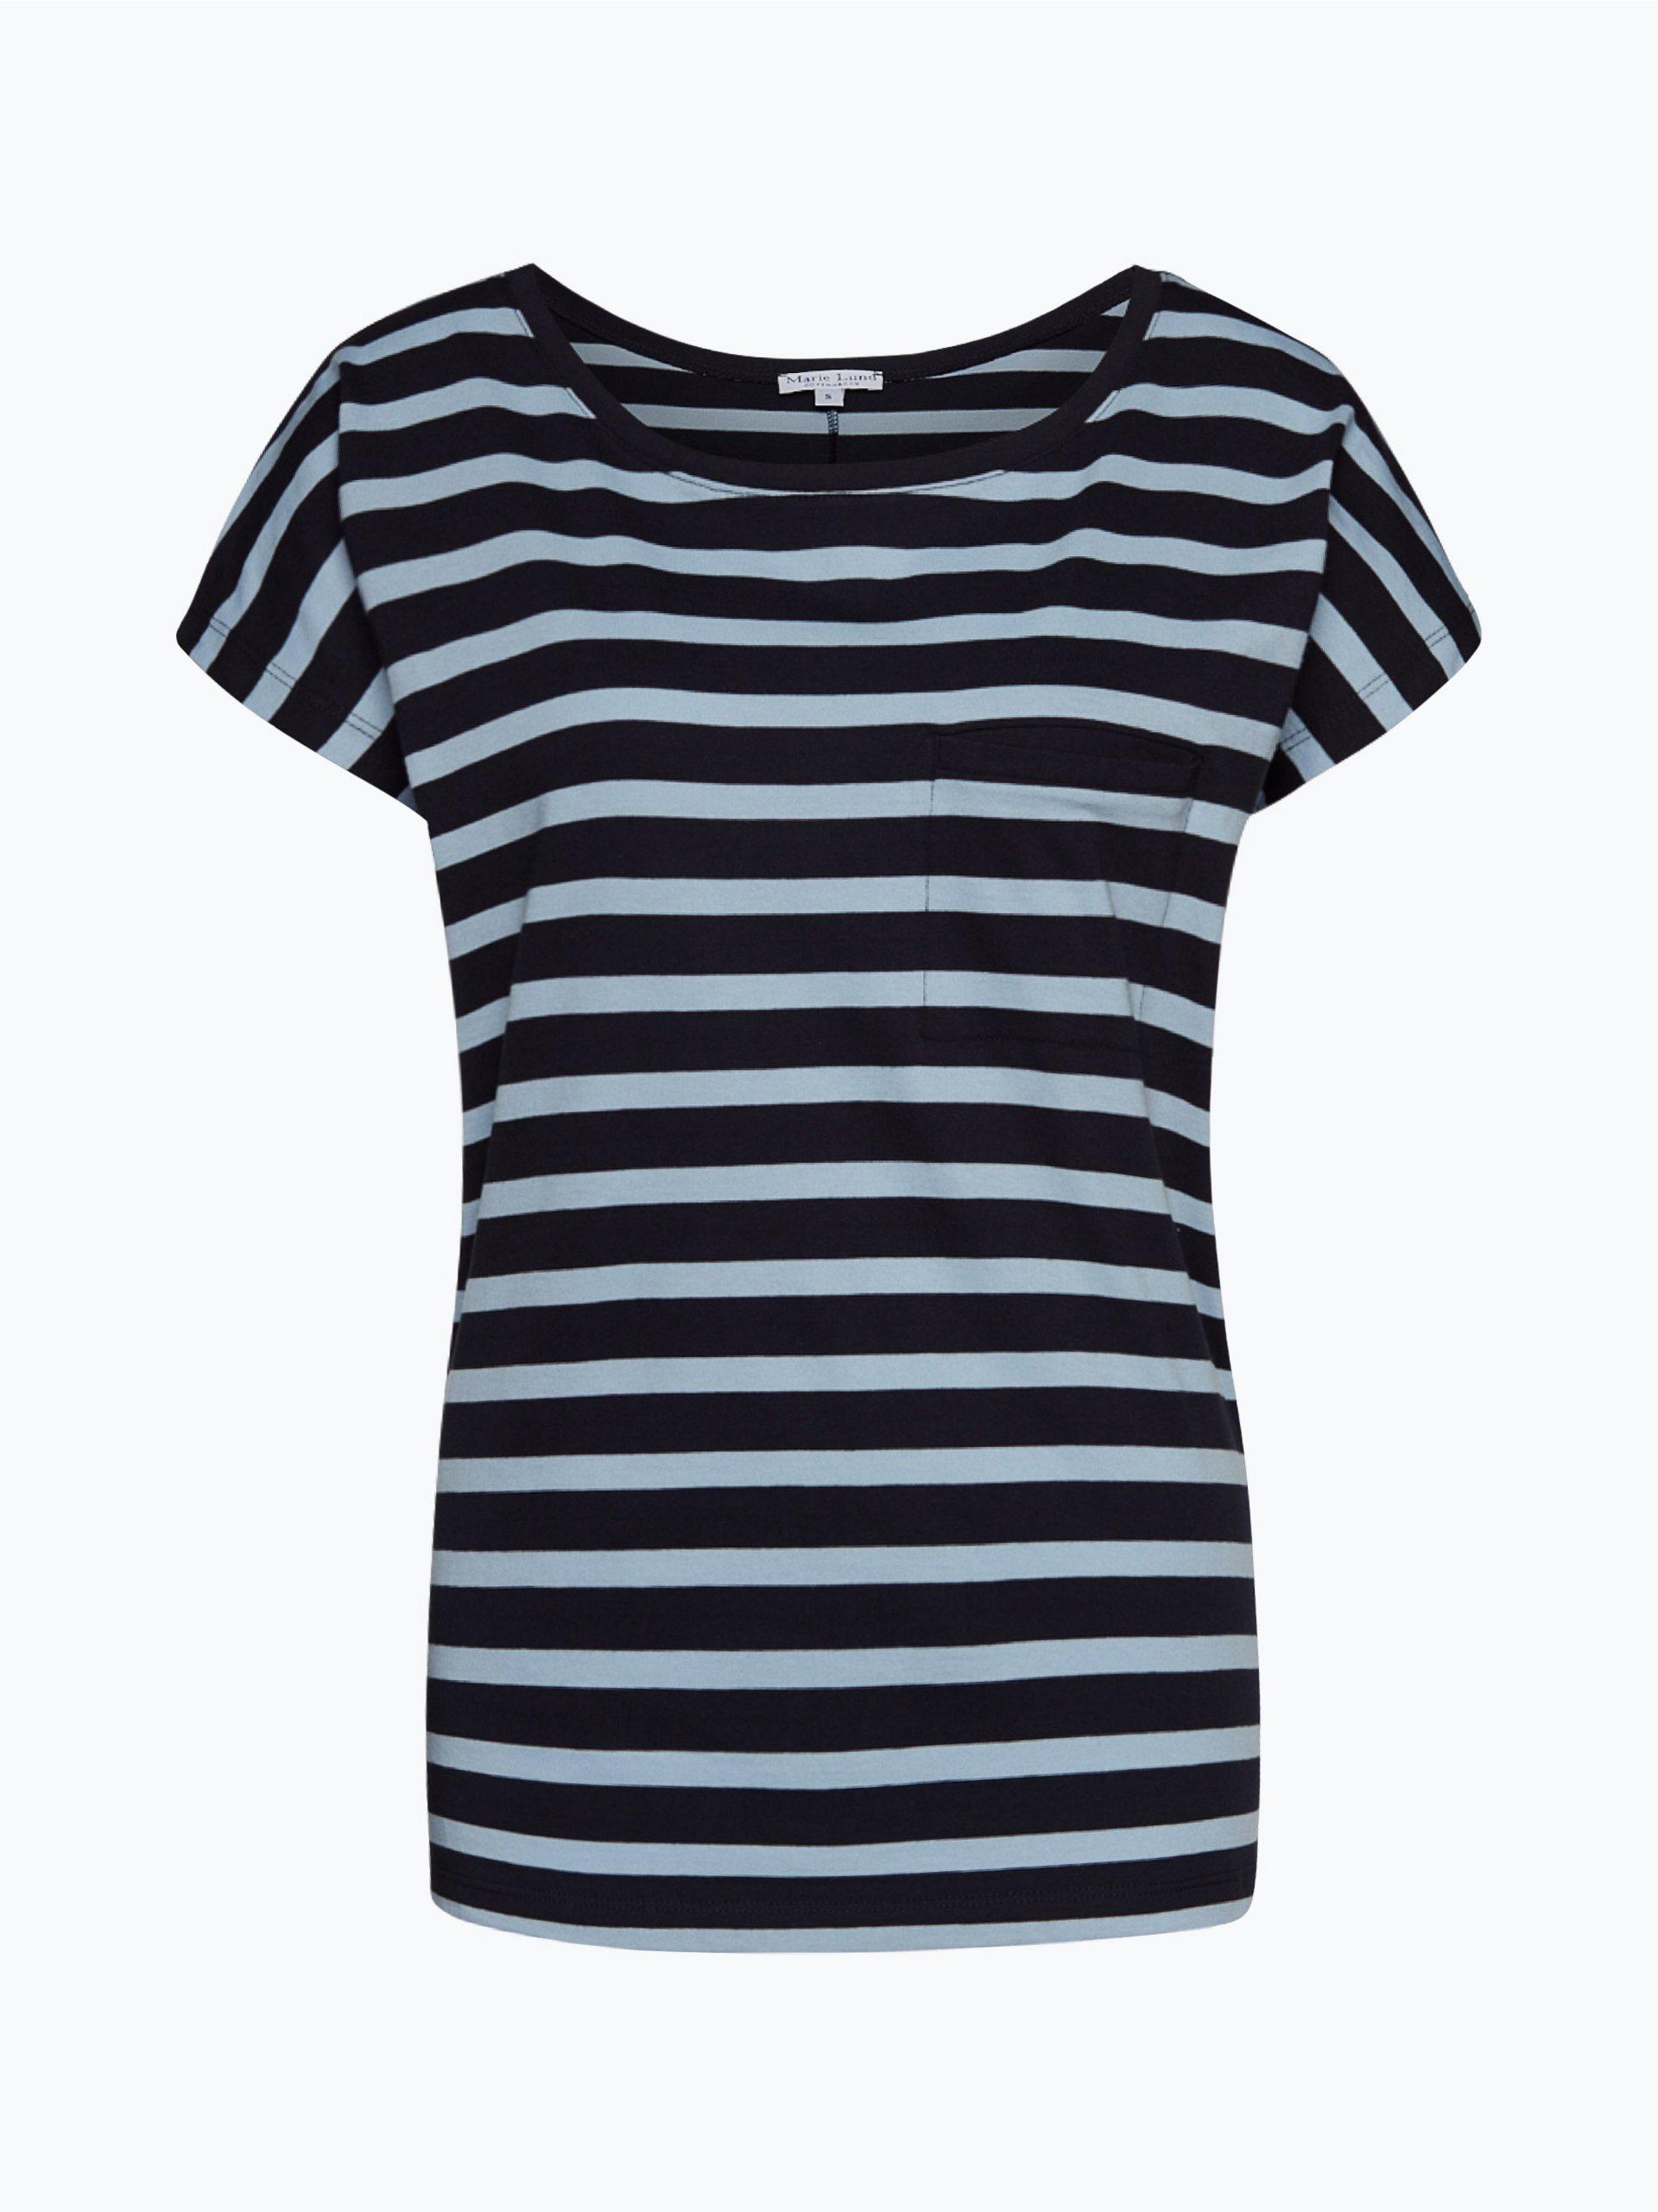 marie lund damen t shirt blau gestreift online kaufen peek und cloppenburg de. Black Bedroom Furniture Sets. Home Design Ideas